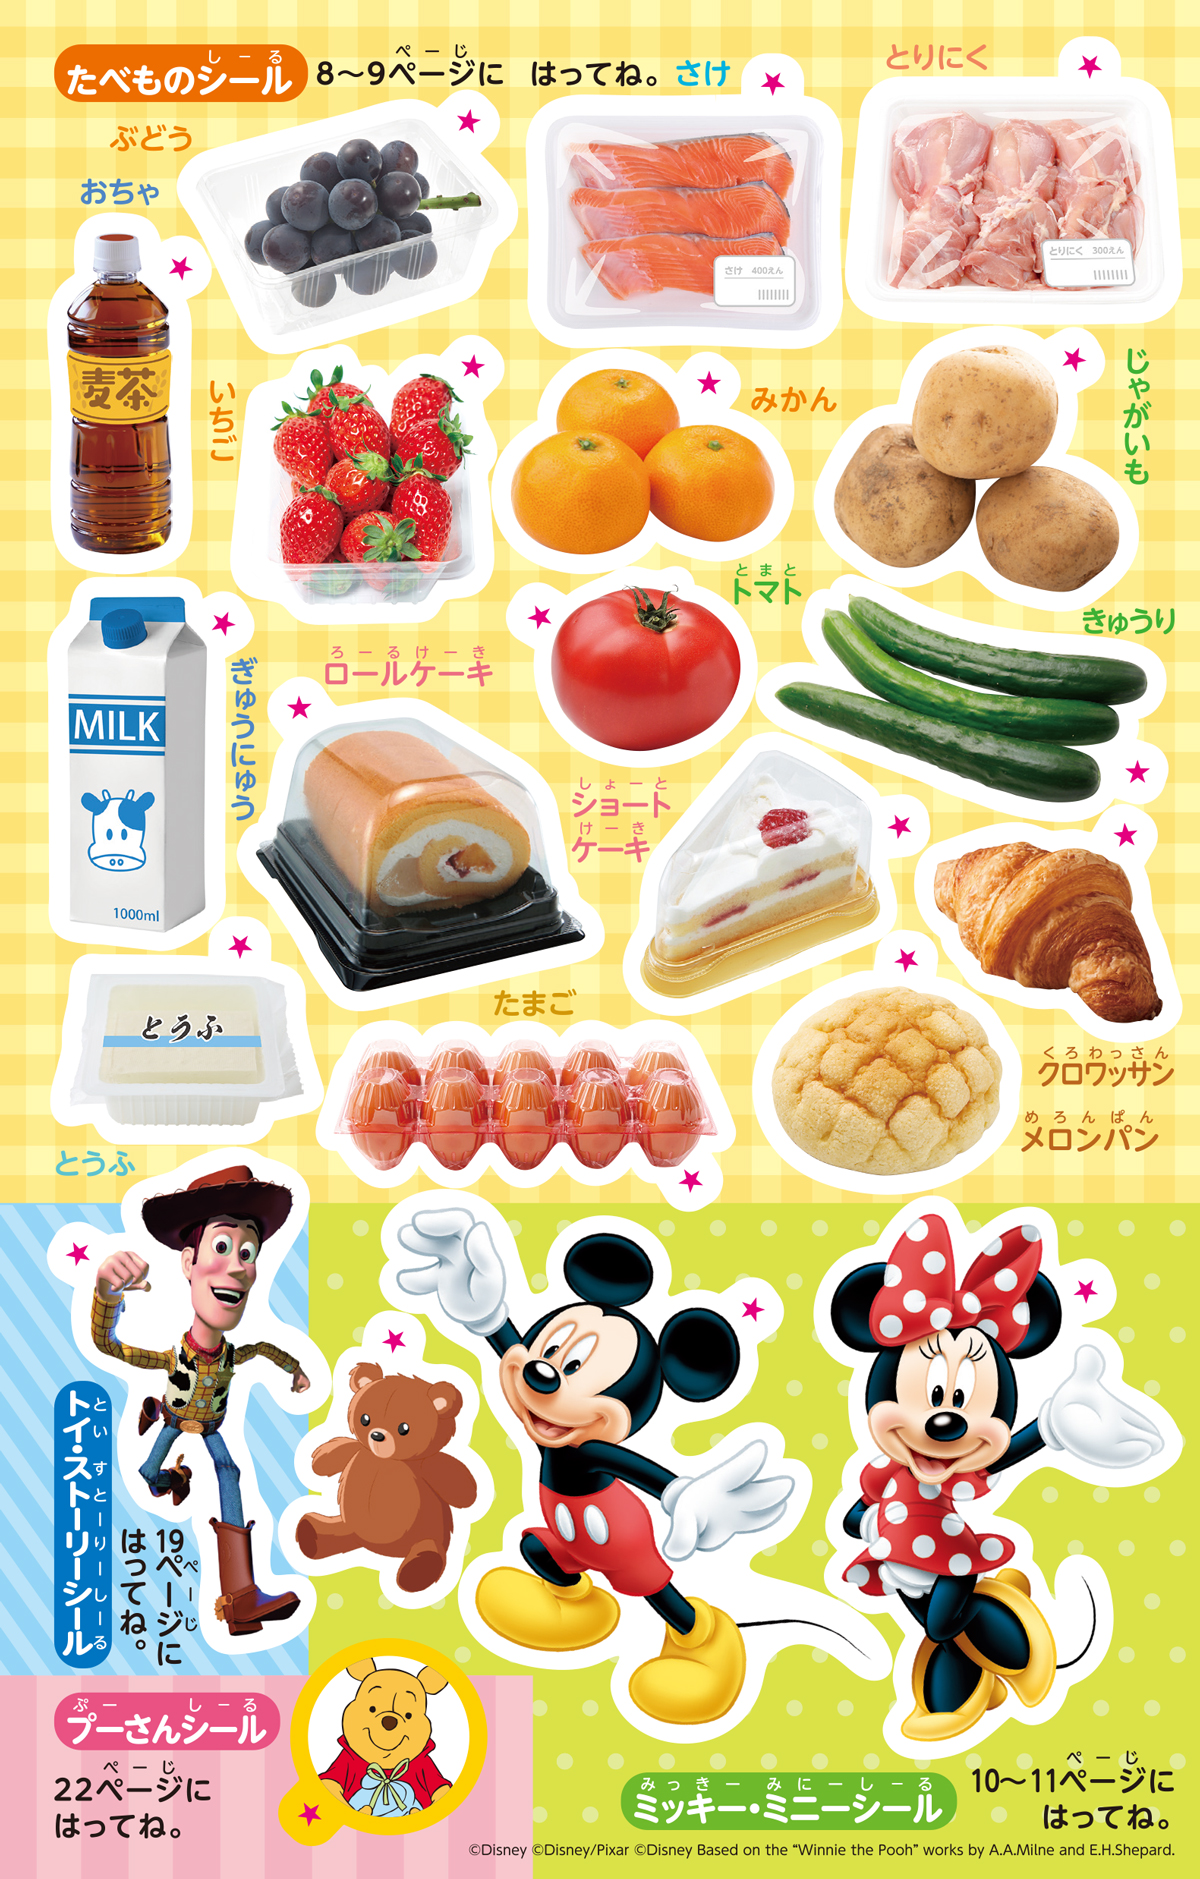 「食べ物シール」画像